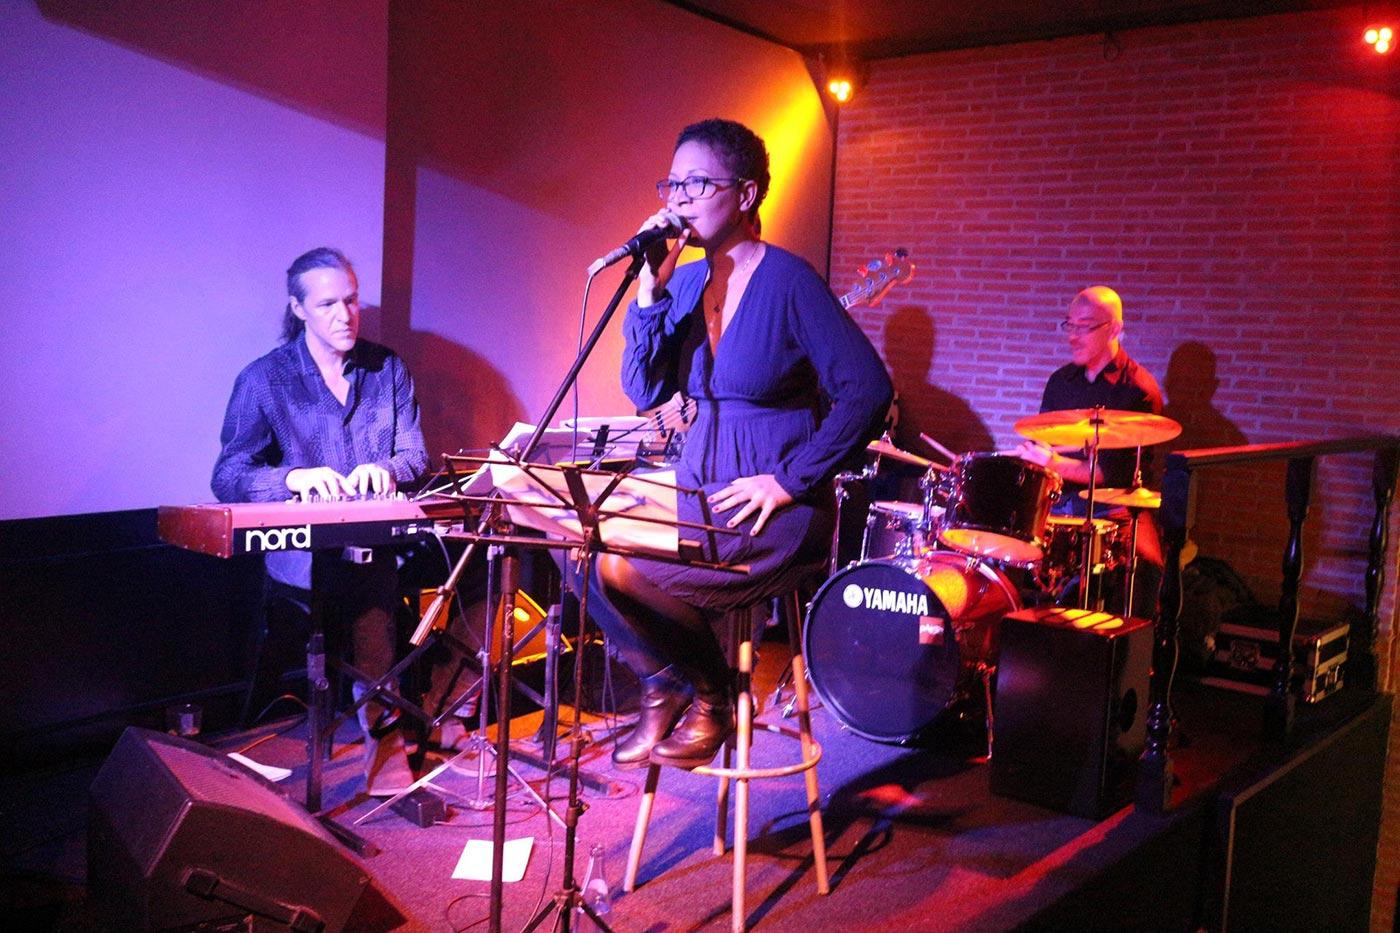 sibyl 2 - La fiesta anual de Happening Madrid. Concierto de Pitu + Sibyl + Lycantho.